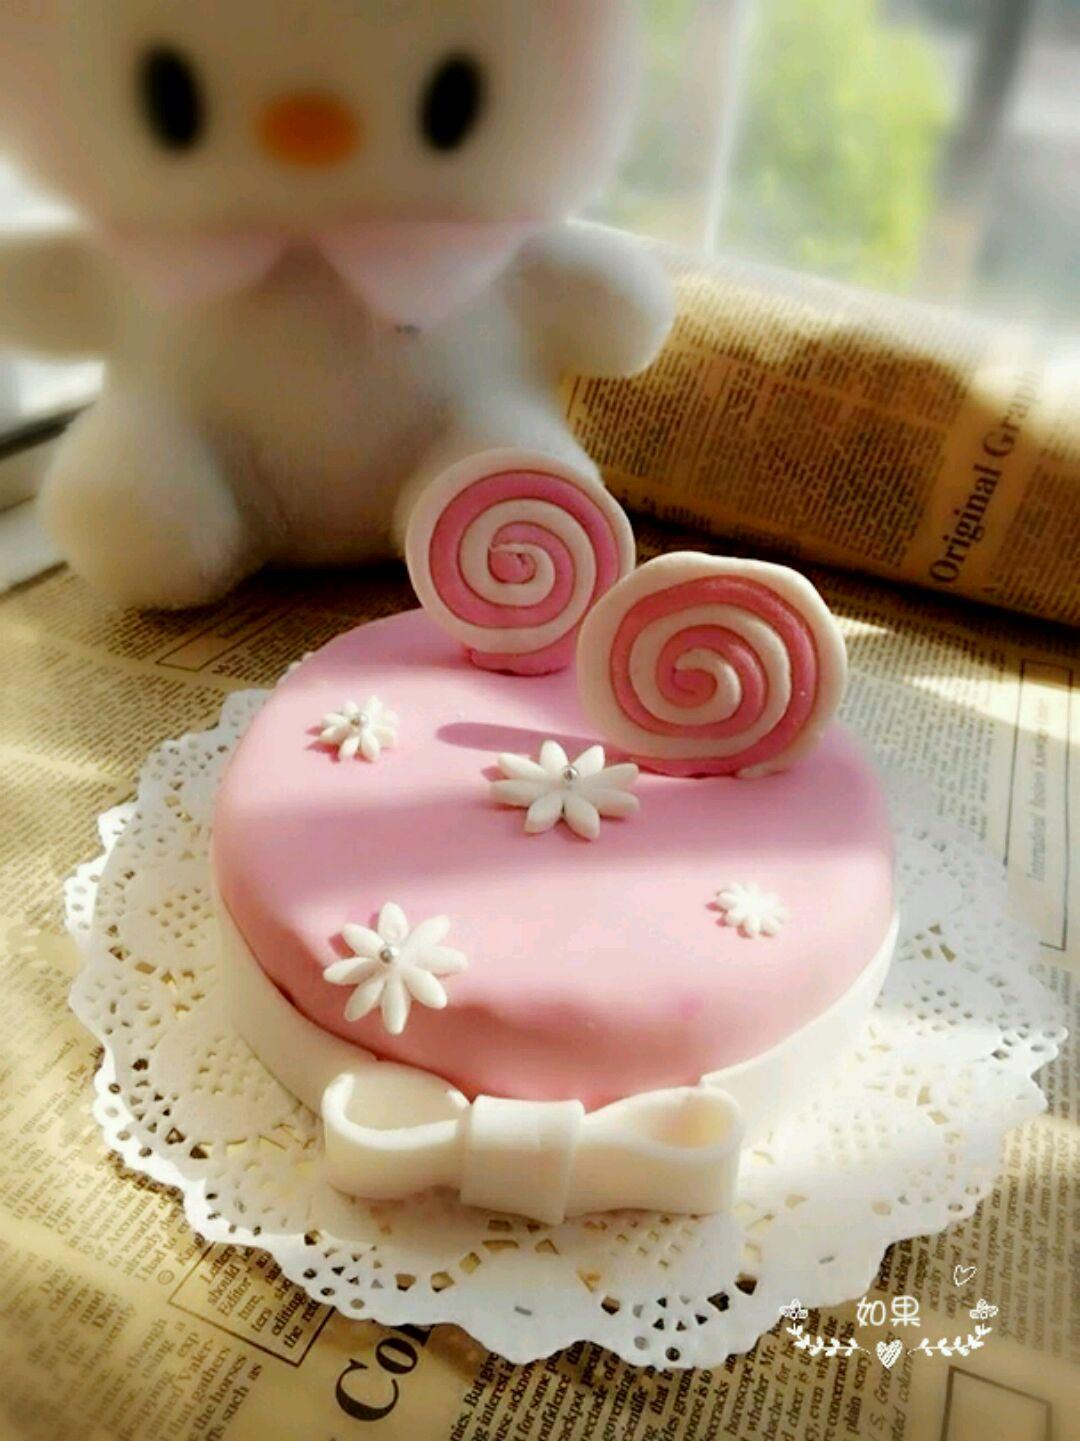 翻糖蛋糕#豆果5周年图片